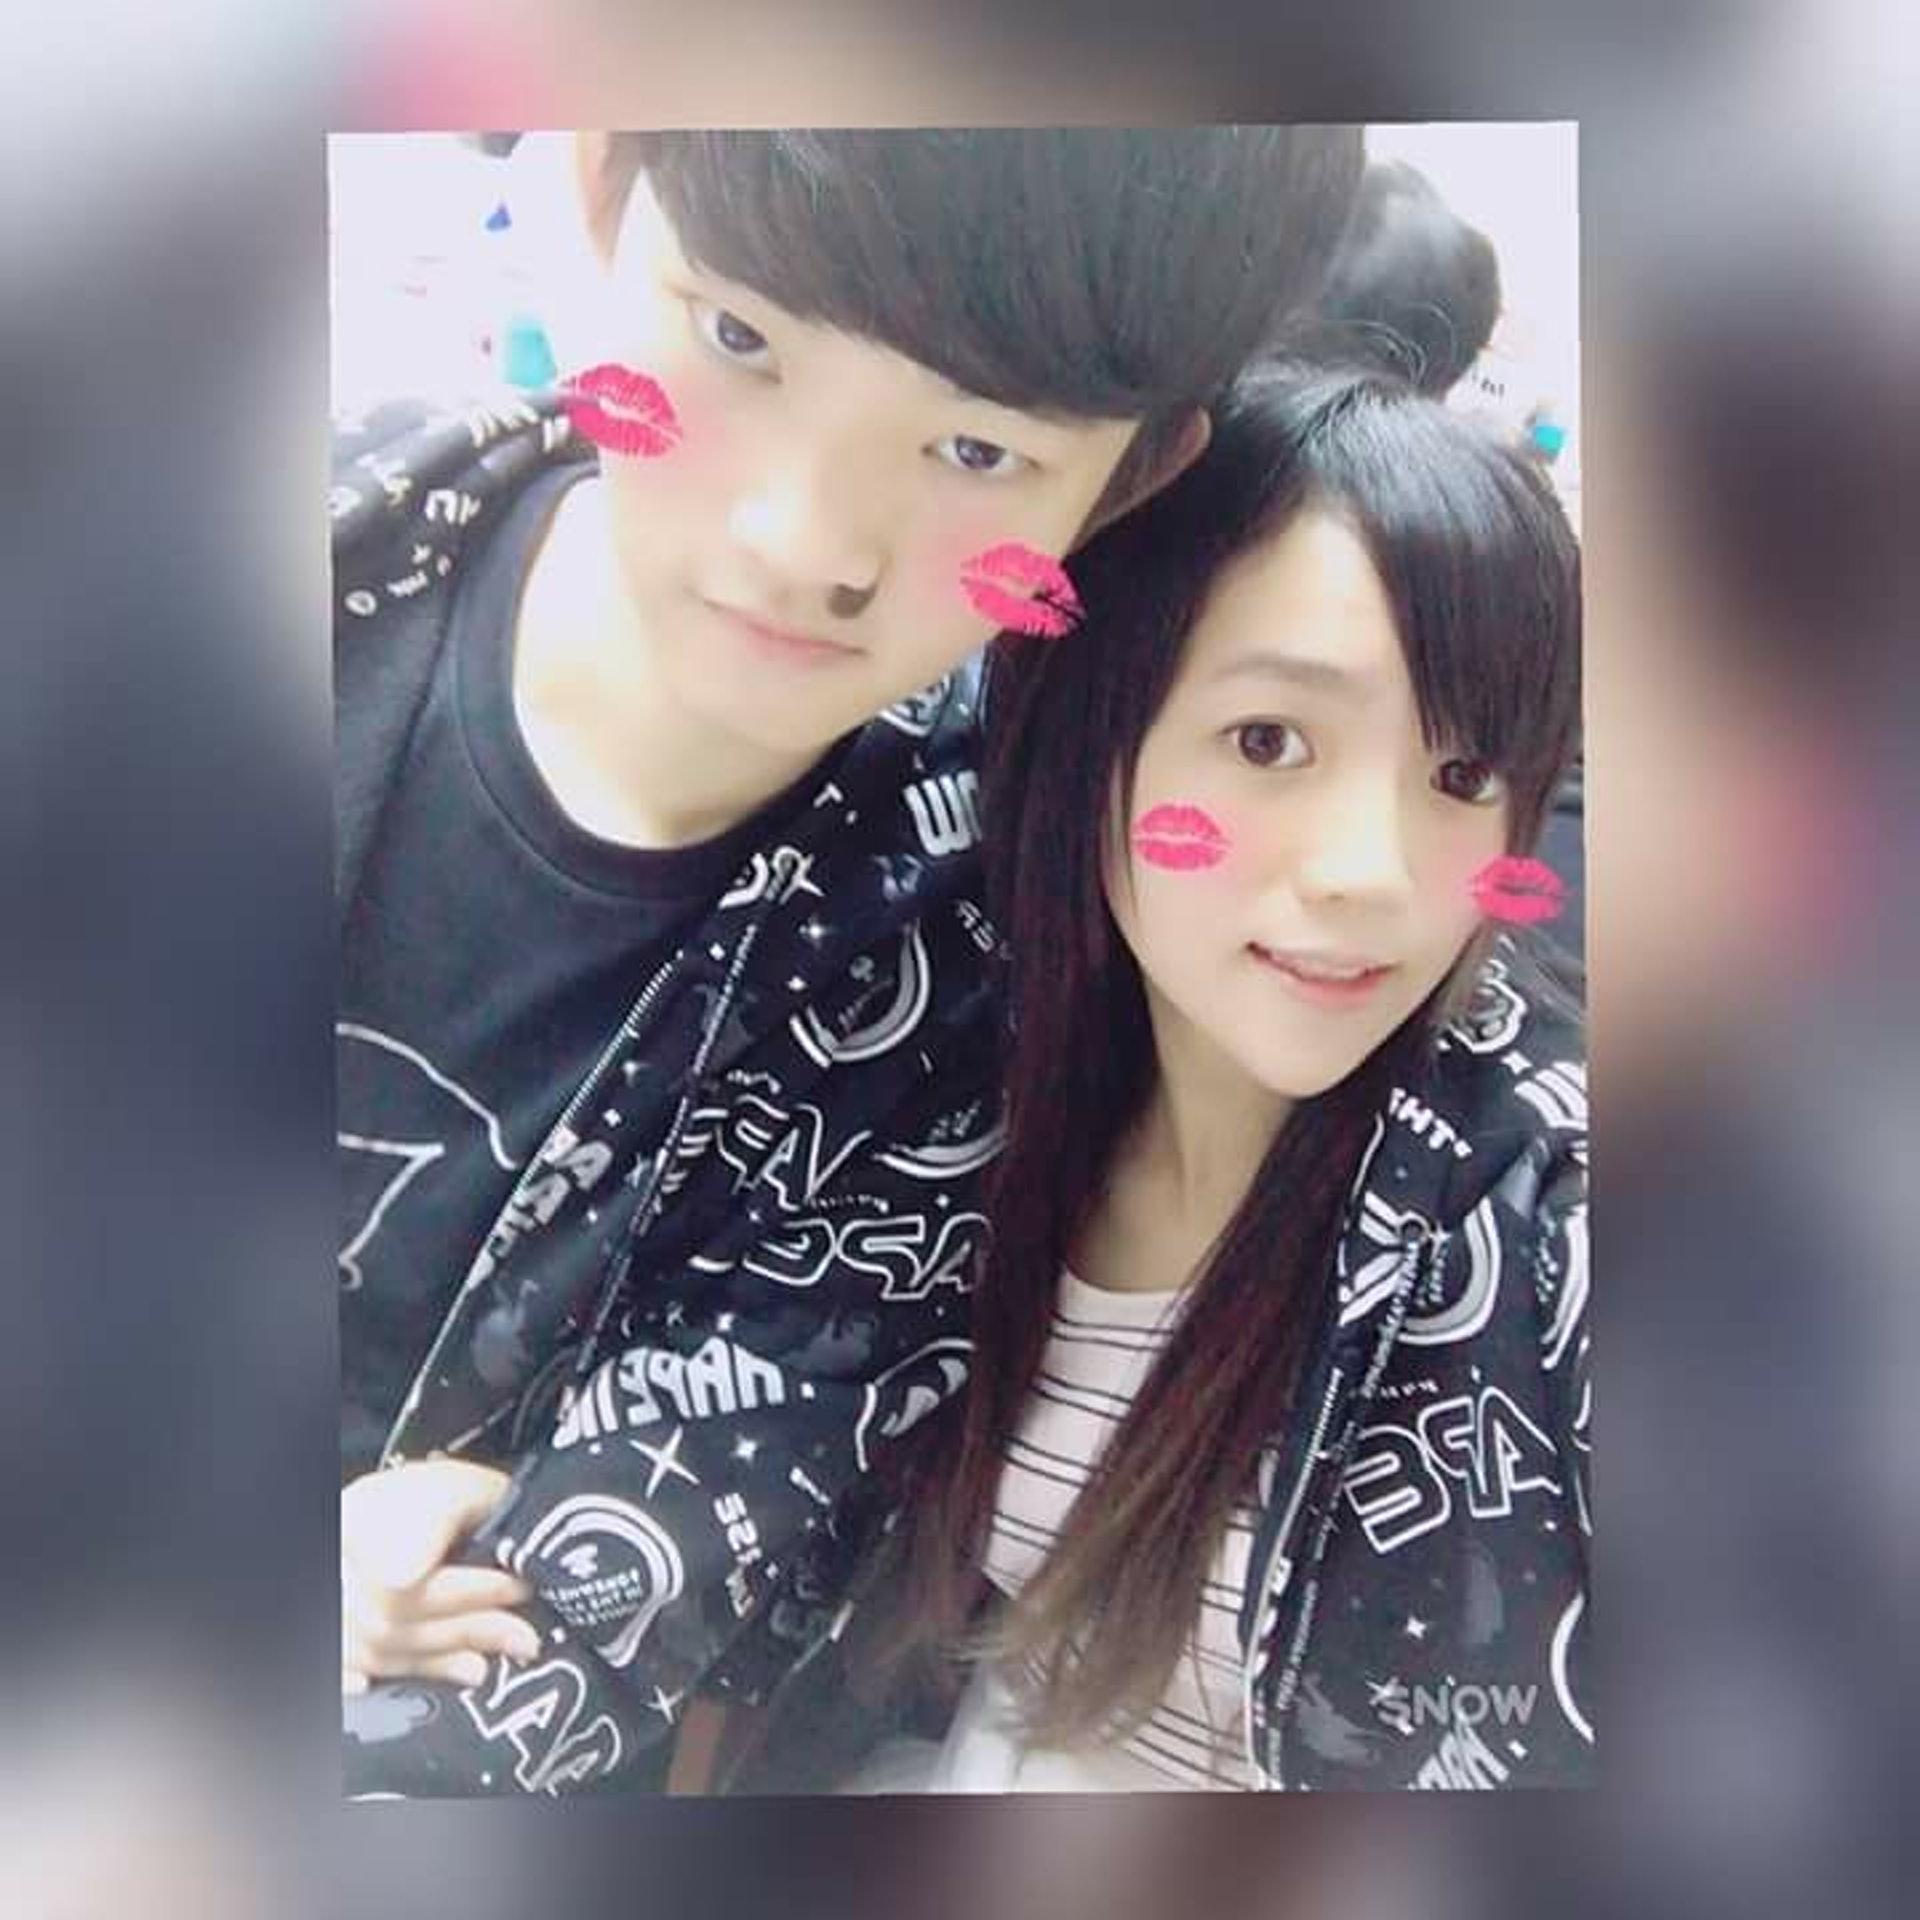 被告陳同佳與女友潘曉穎在案發前曾一同到台灣旅行。(網上圖片)